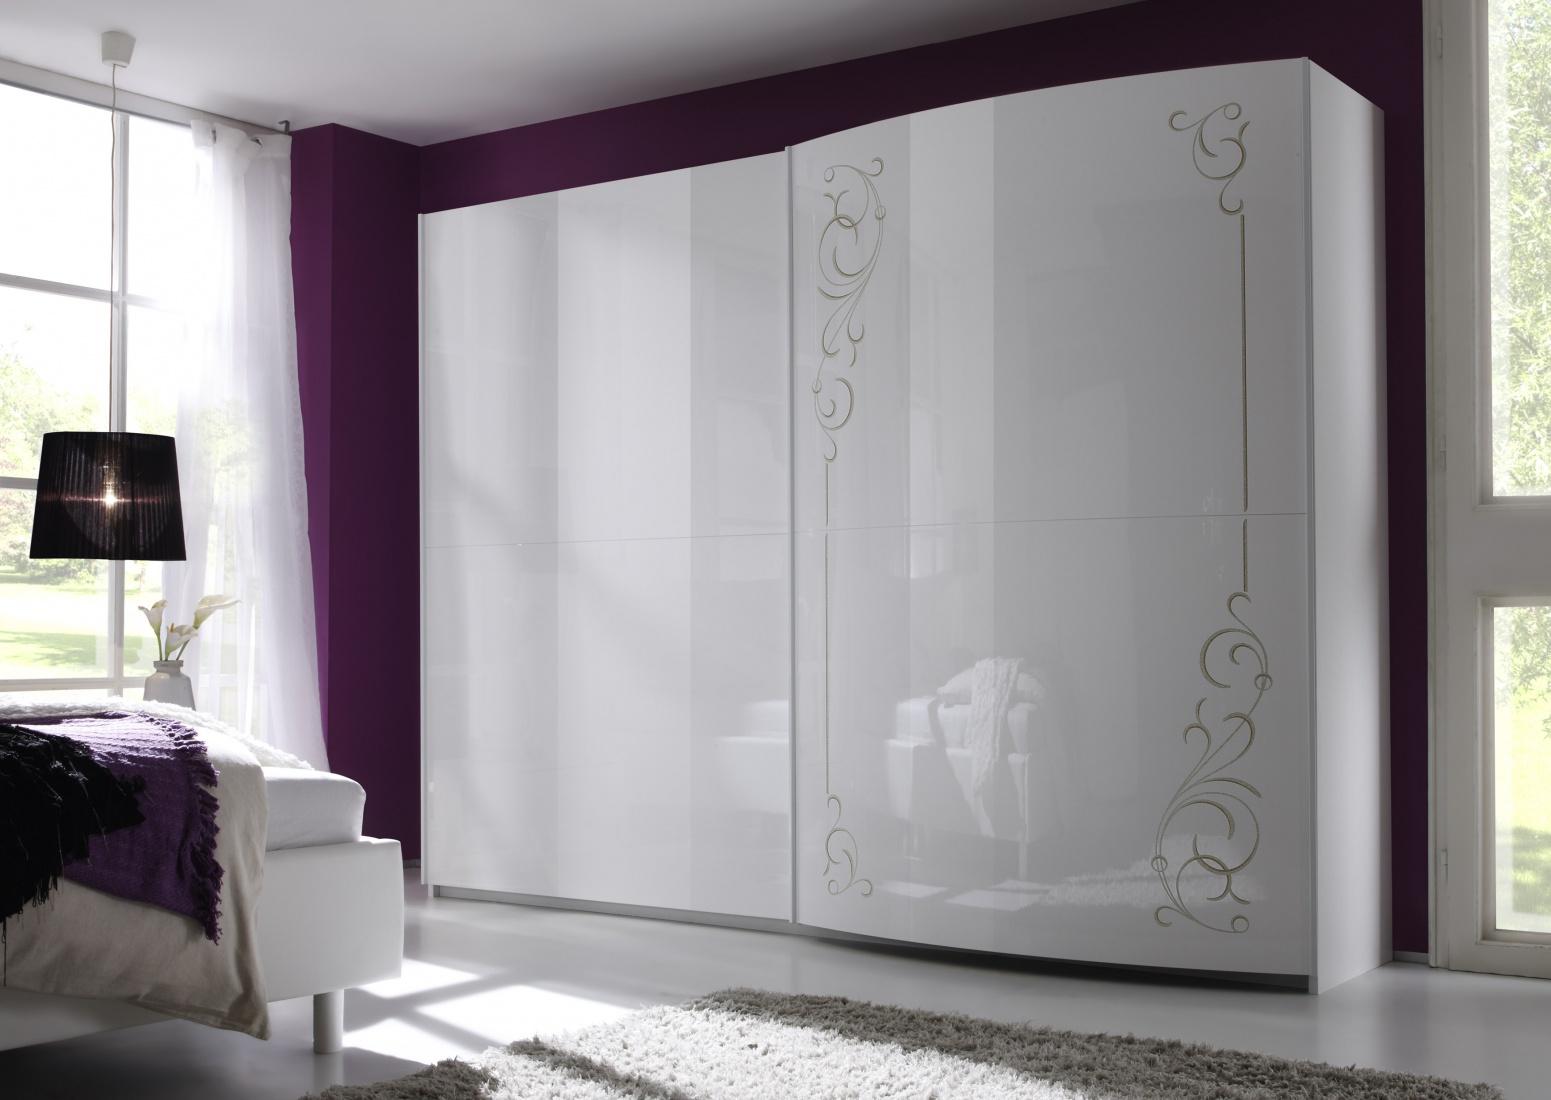 schwebet ren schrank cilia 2 t rig wei hochglanz kaufen bei m bel lux. Black Bedroom Furniture Sets. Home Design Ideas